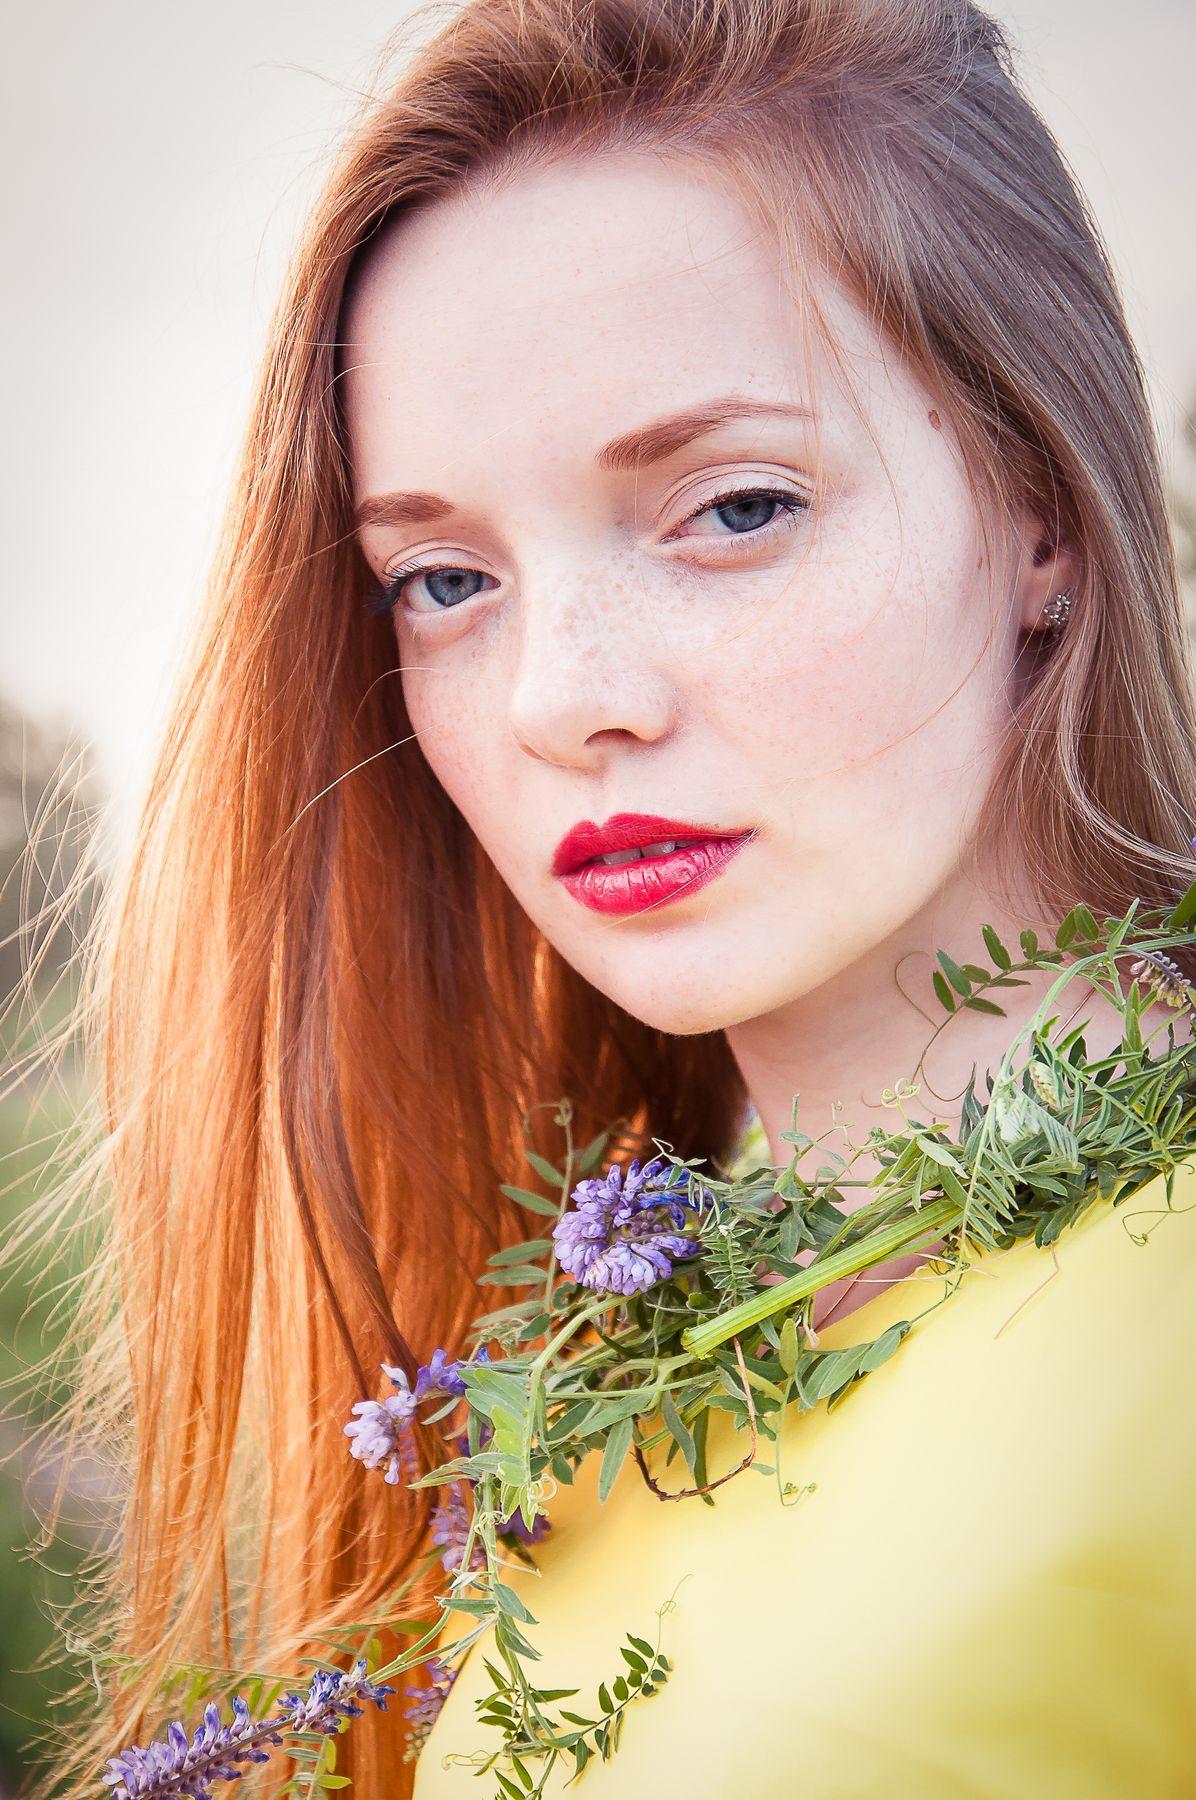 Юлия рыжая девушка цветы лето